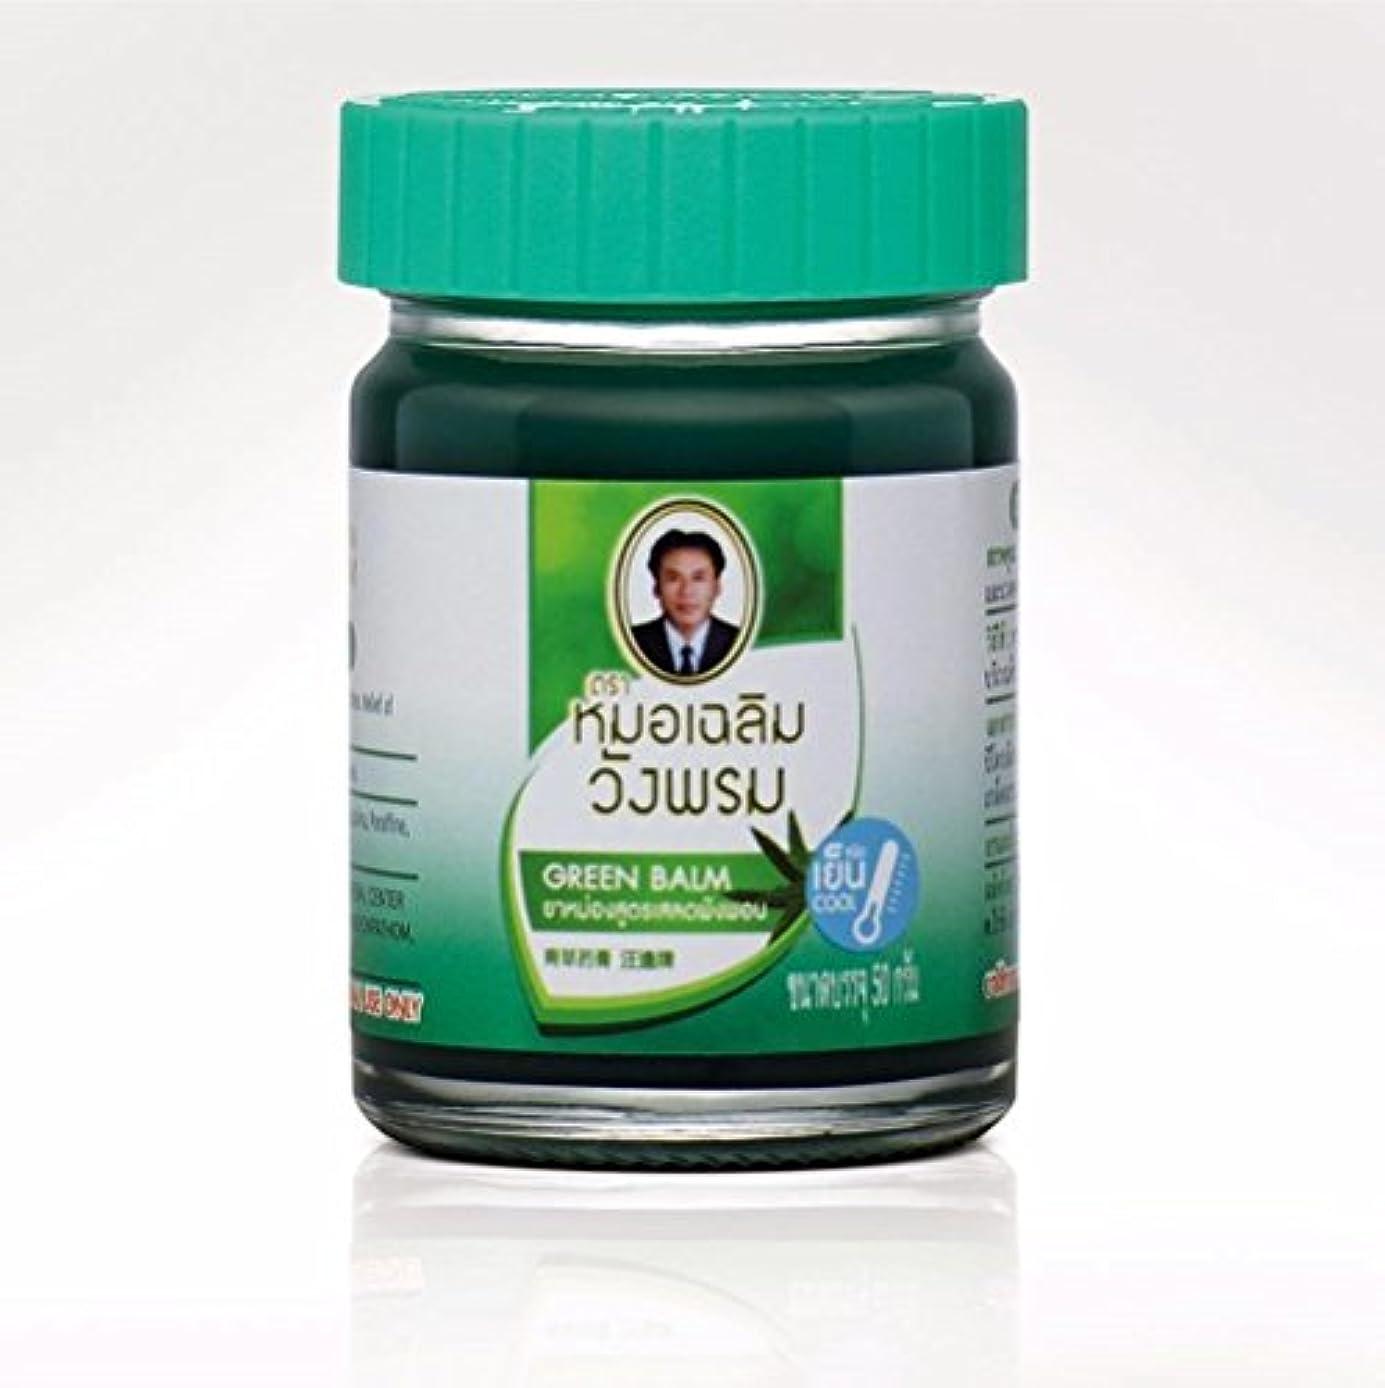 ロバ密接にテープ50G.Wangphrom Thai Herbal Balm Massage Body Relief Muscle Pain,Thai Herb Green Balm (COOL) size 50 gram..(2 pc.)